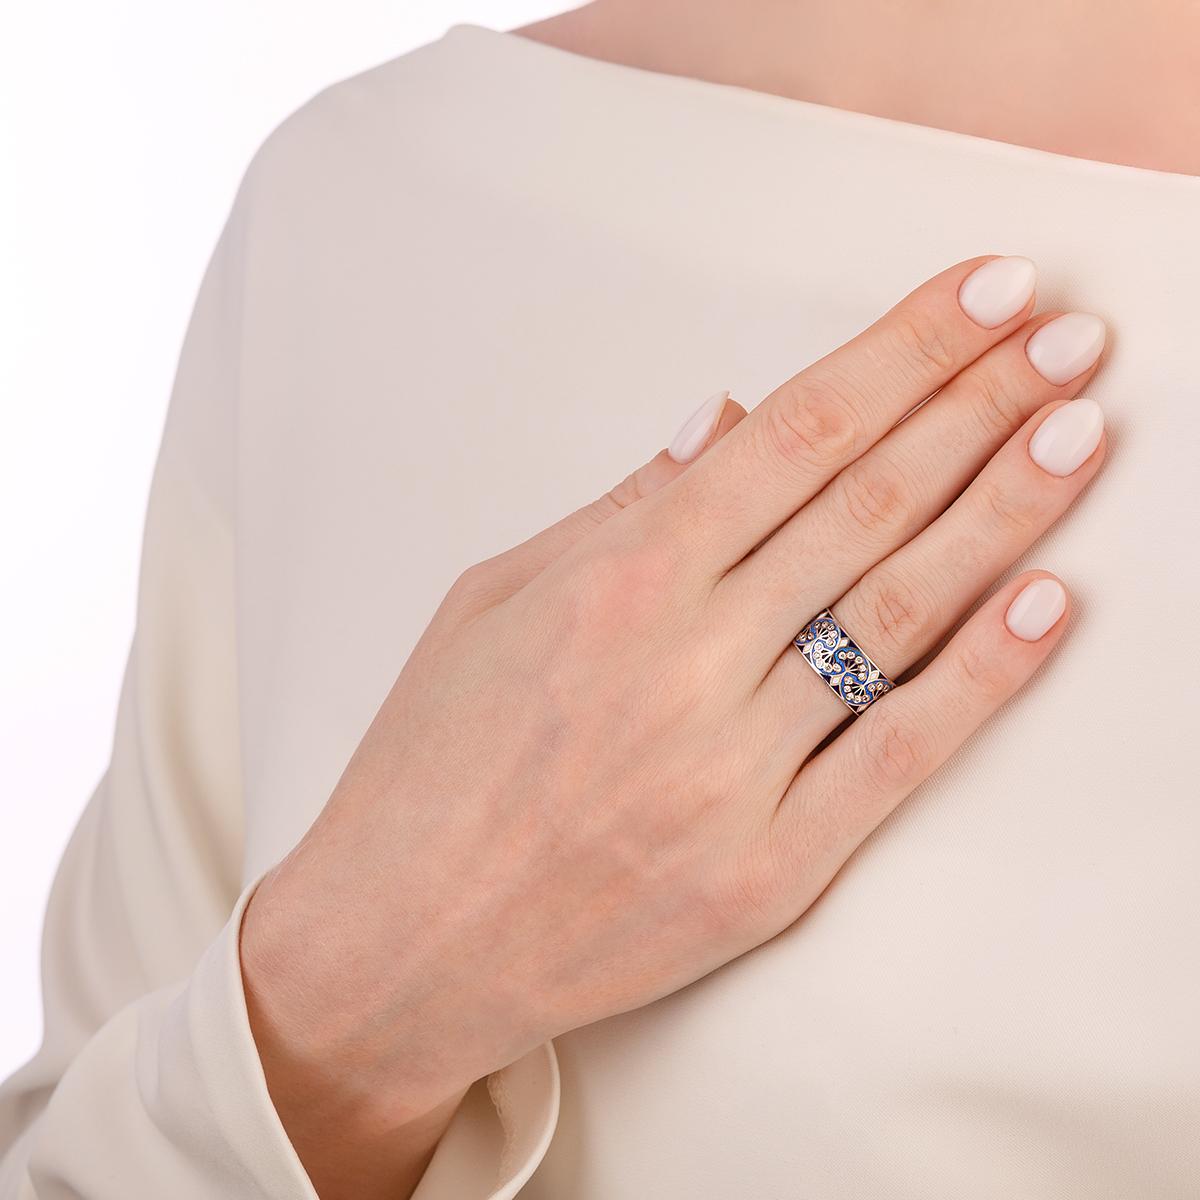 kolczo sady semiramidy 6.99 sinyaya - Кольцо из серебра «Сады Семирамиды», синее с фианитами